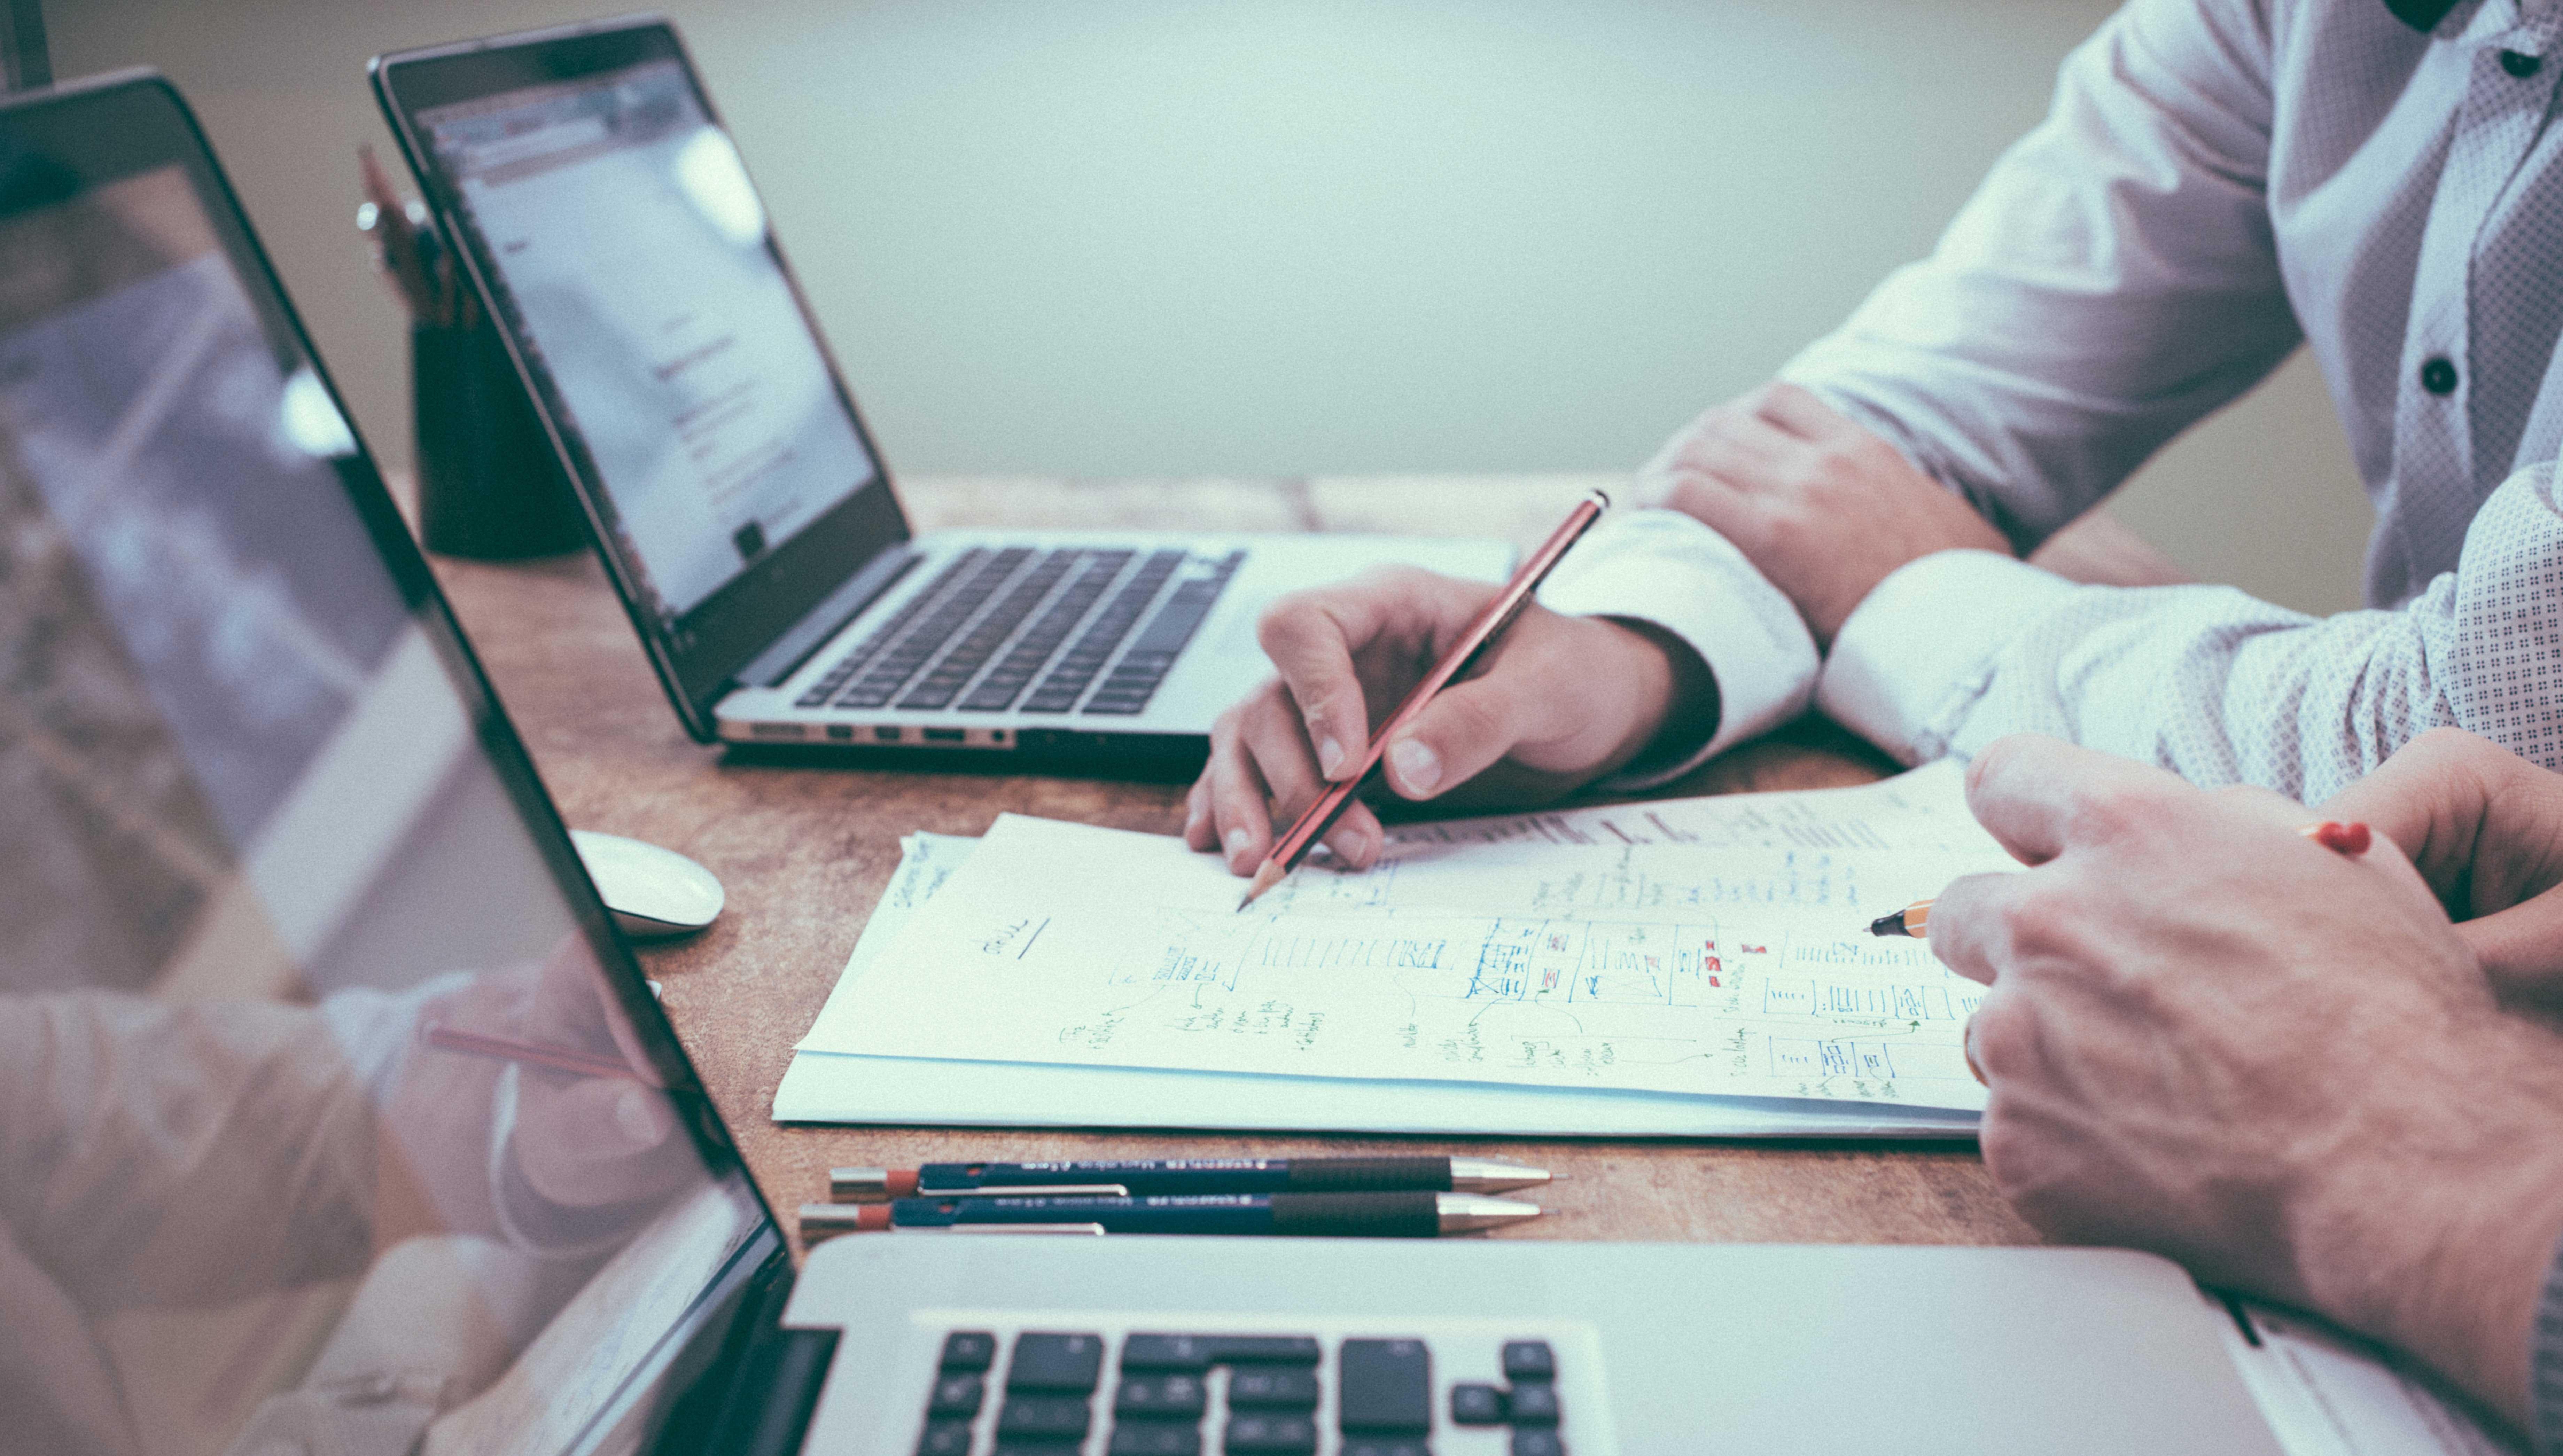 Selezione per l'ammissione a 3 corsi sulla gestione efficace della piccola impresa